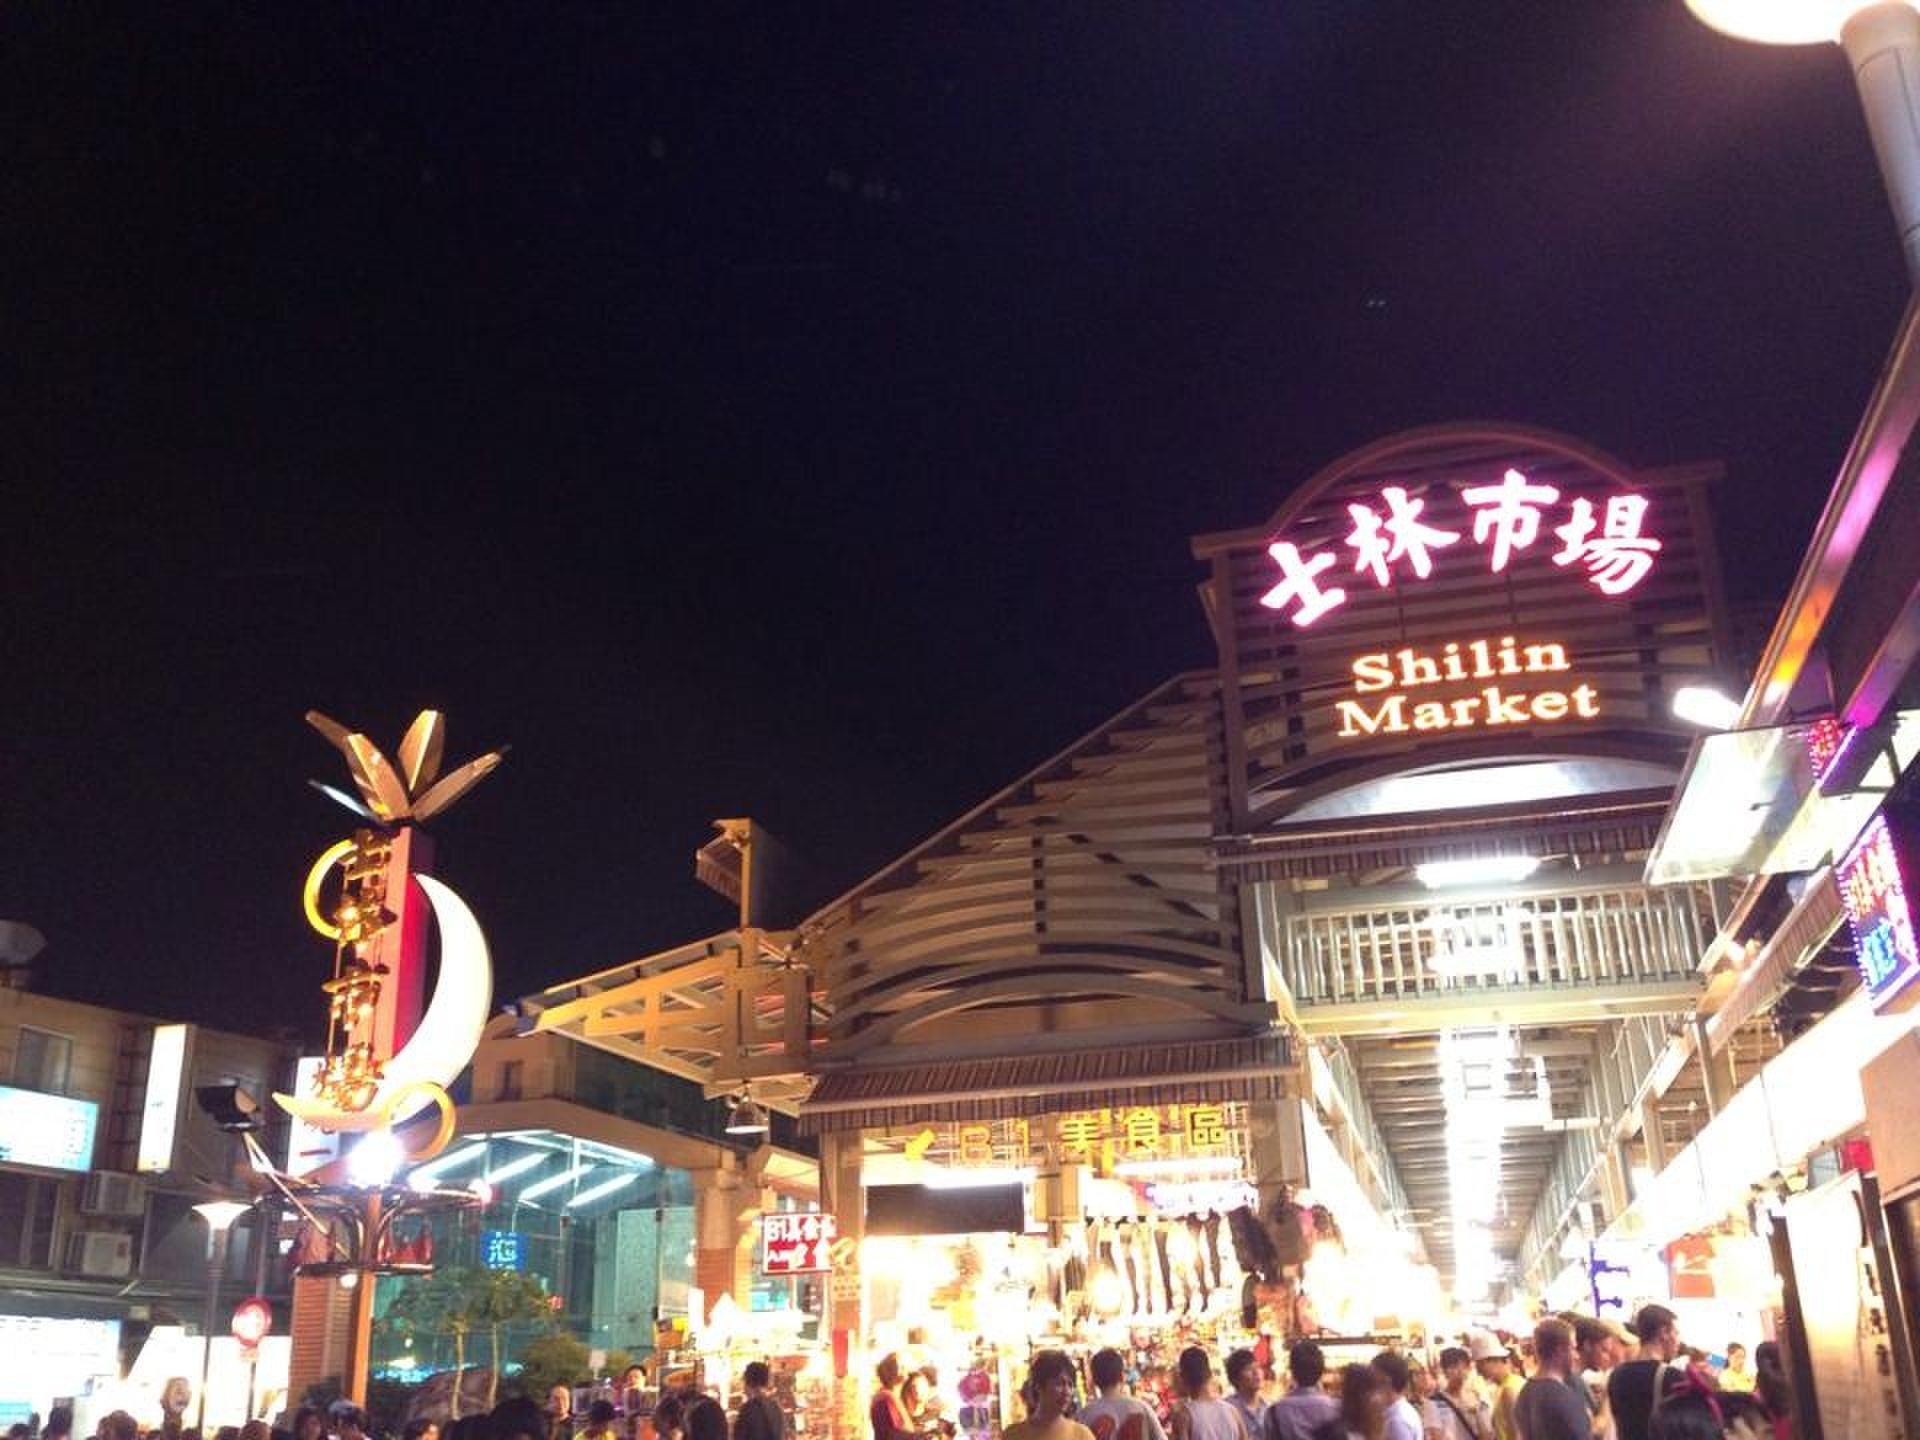 台湾で1番の観光ナイトマーケット「夜市士林」は安くて面白いお祭りスポット!お土産も見つかる!